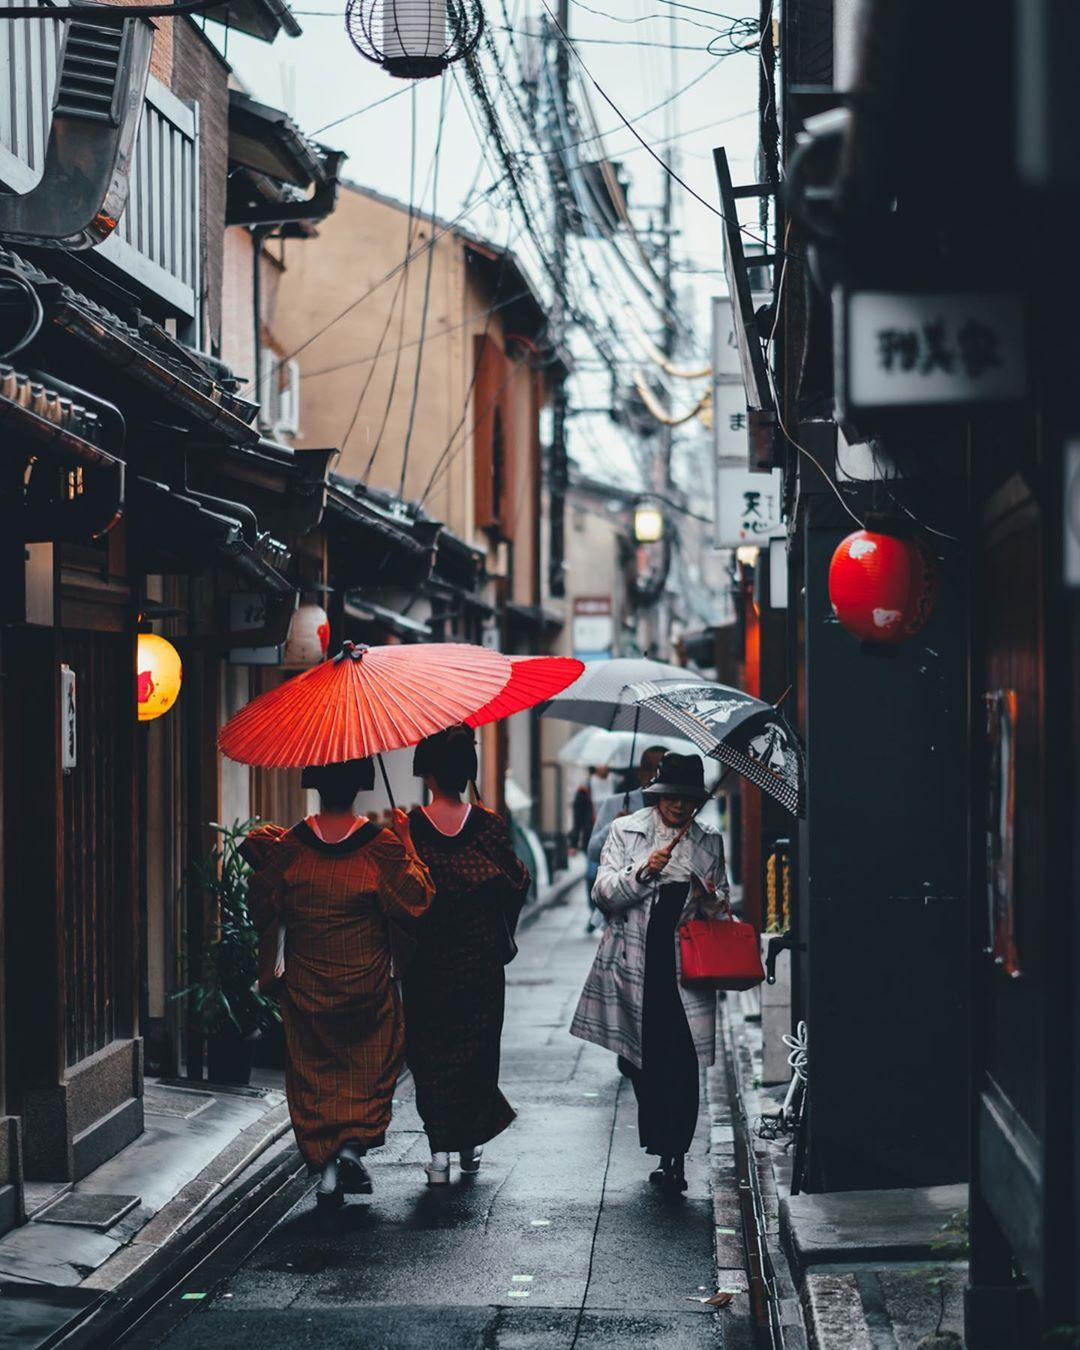 Городские пейзажи и уличные снимки Японии от Хиро Гото